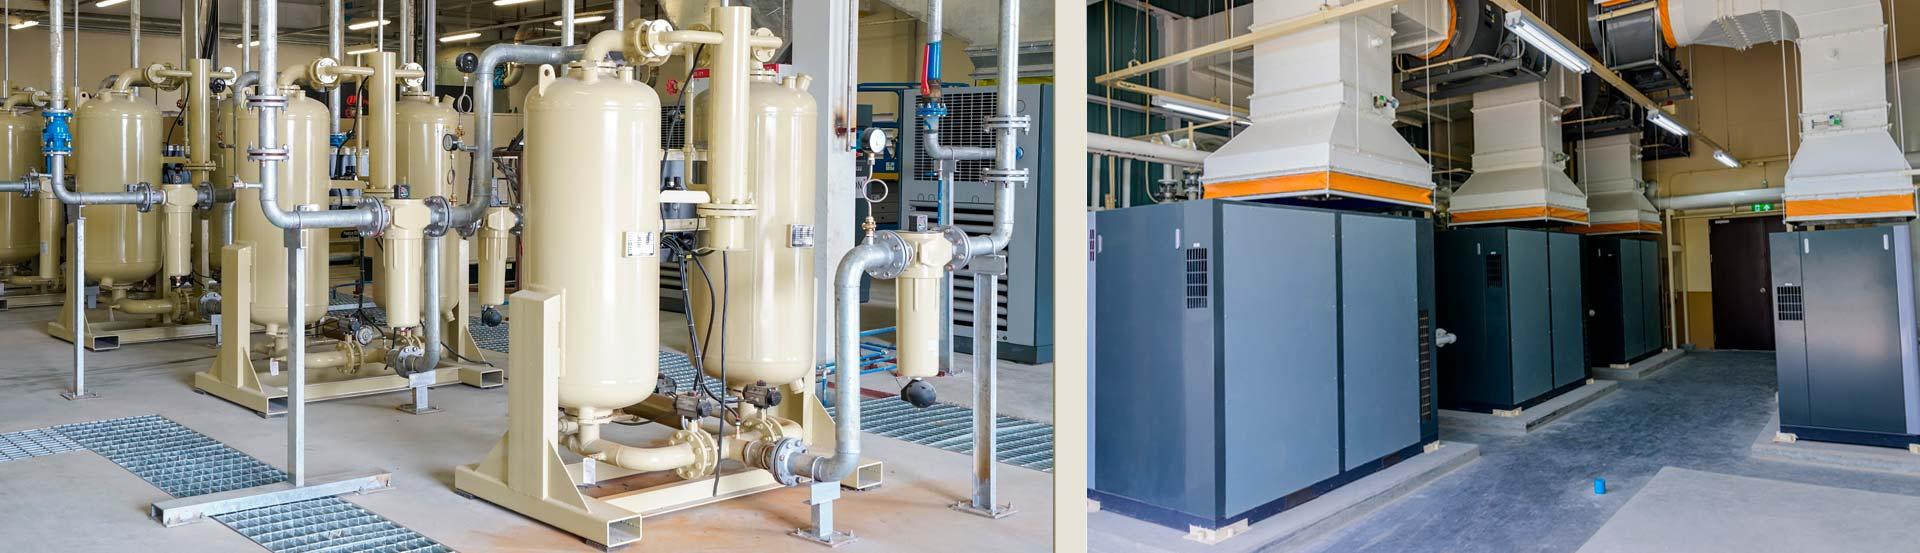 Sala de Compressores - Comprima